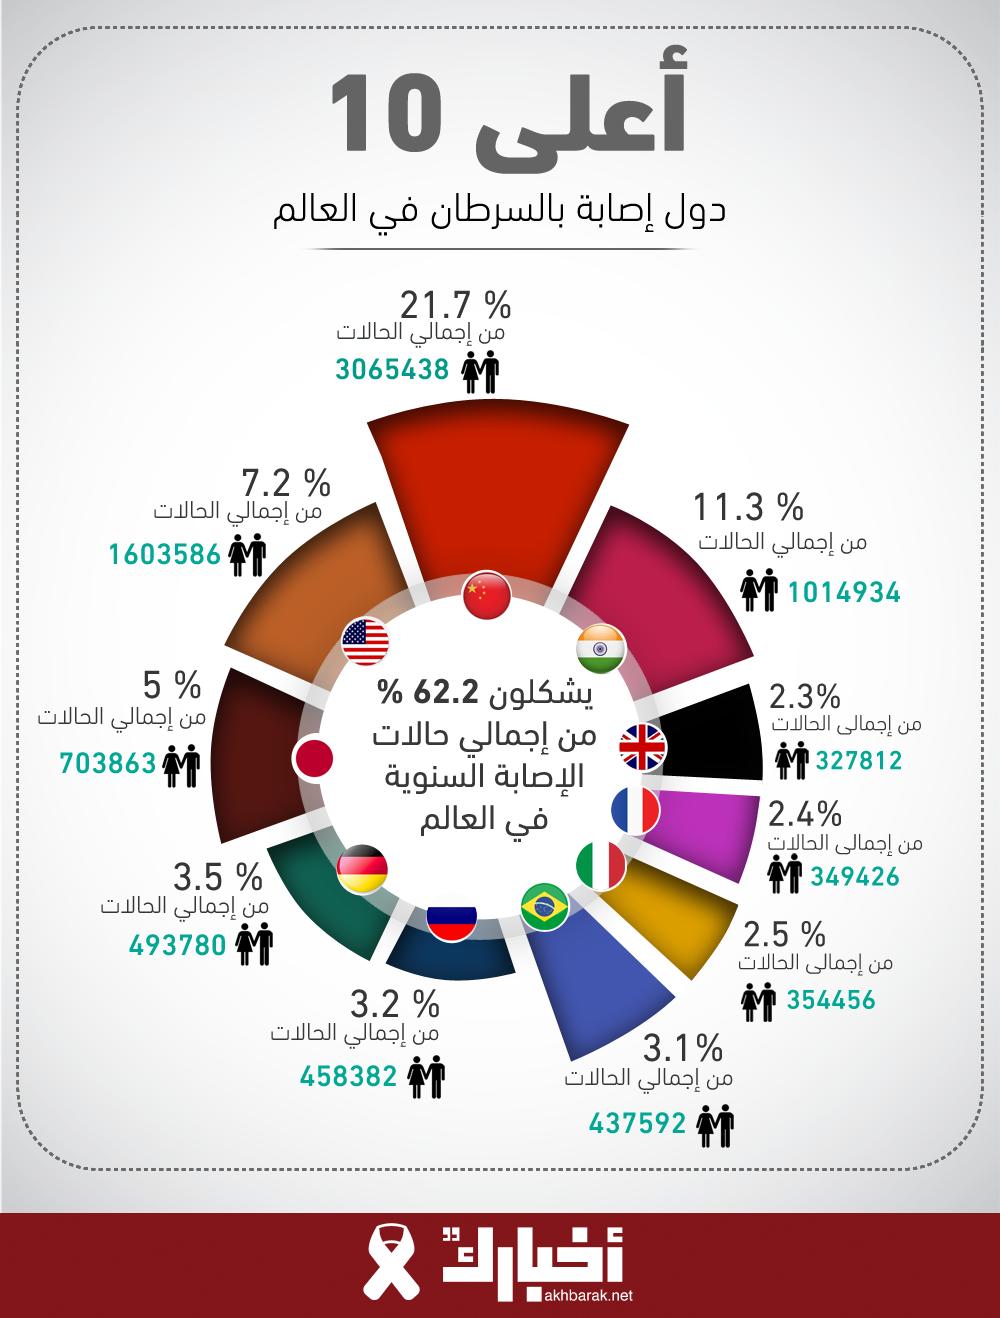 أعلى 10 دول إصابة بالسرطان في العالم